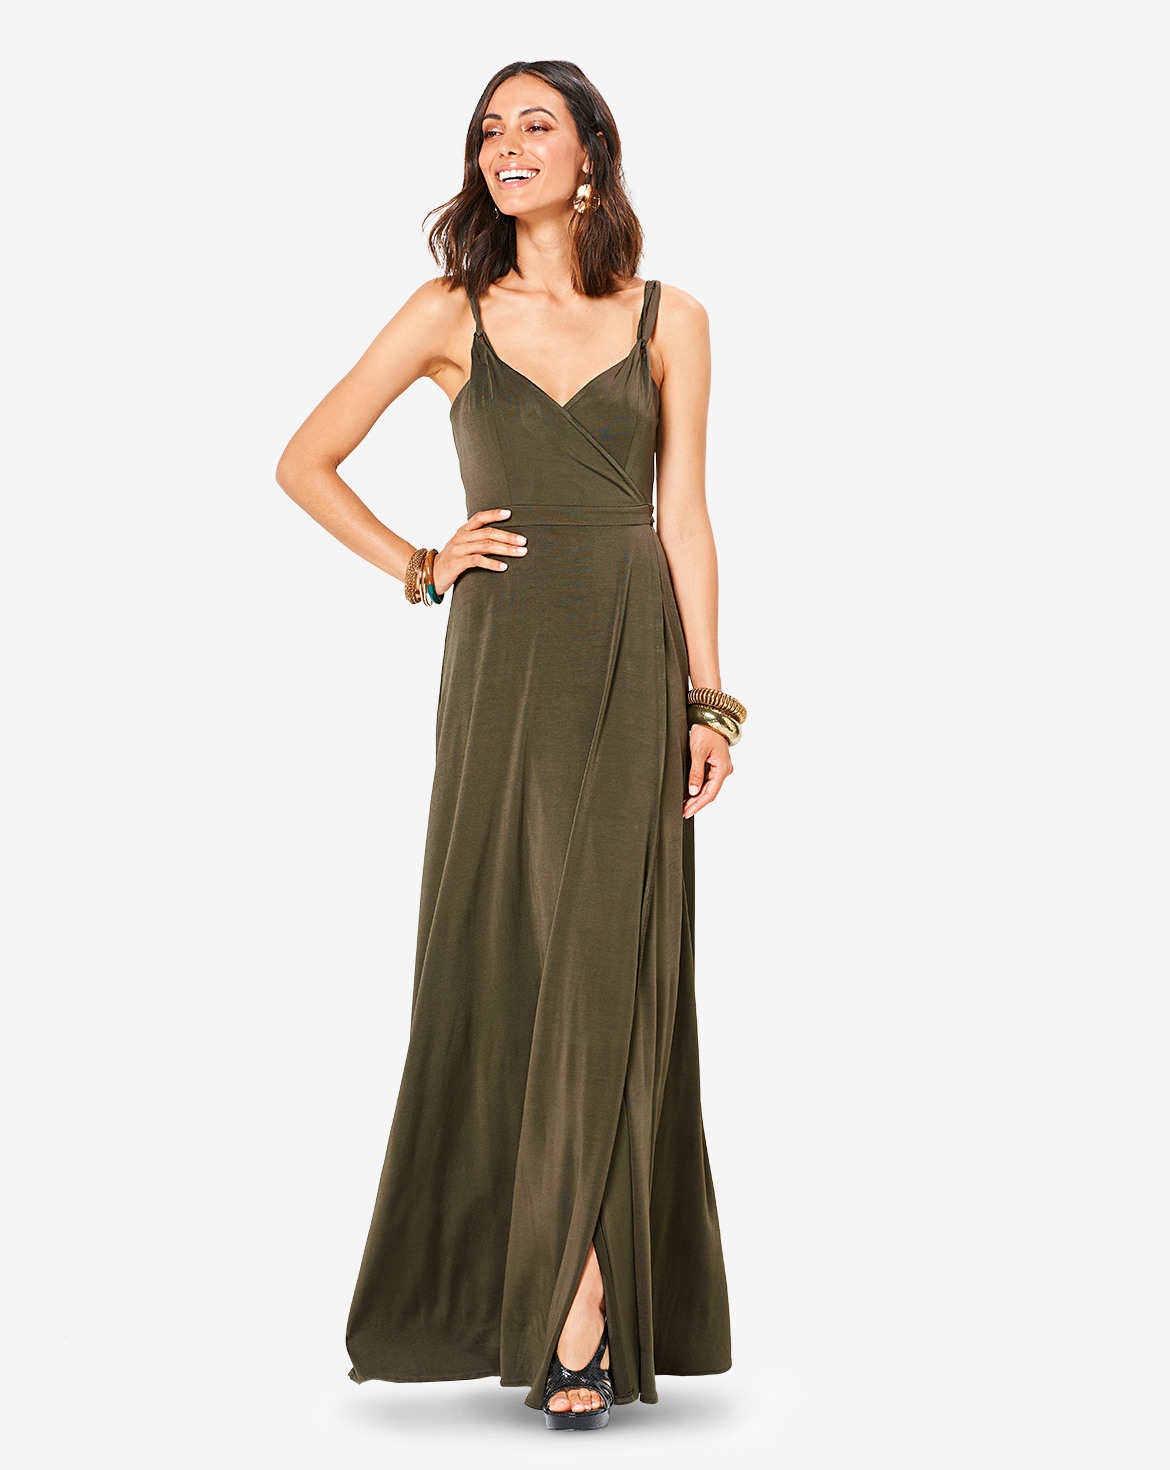 Designer Einfach Abendkleid Nähen für 201915 Wunderbar Abendkleid Nähen Vertrieb